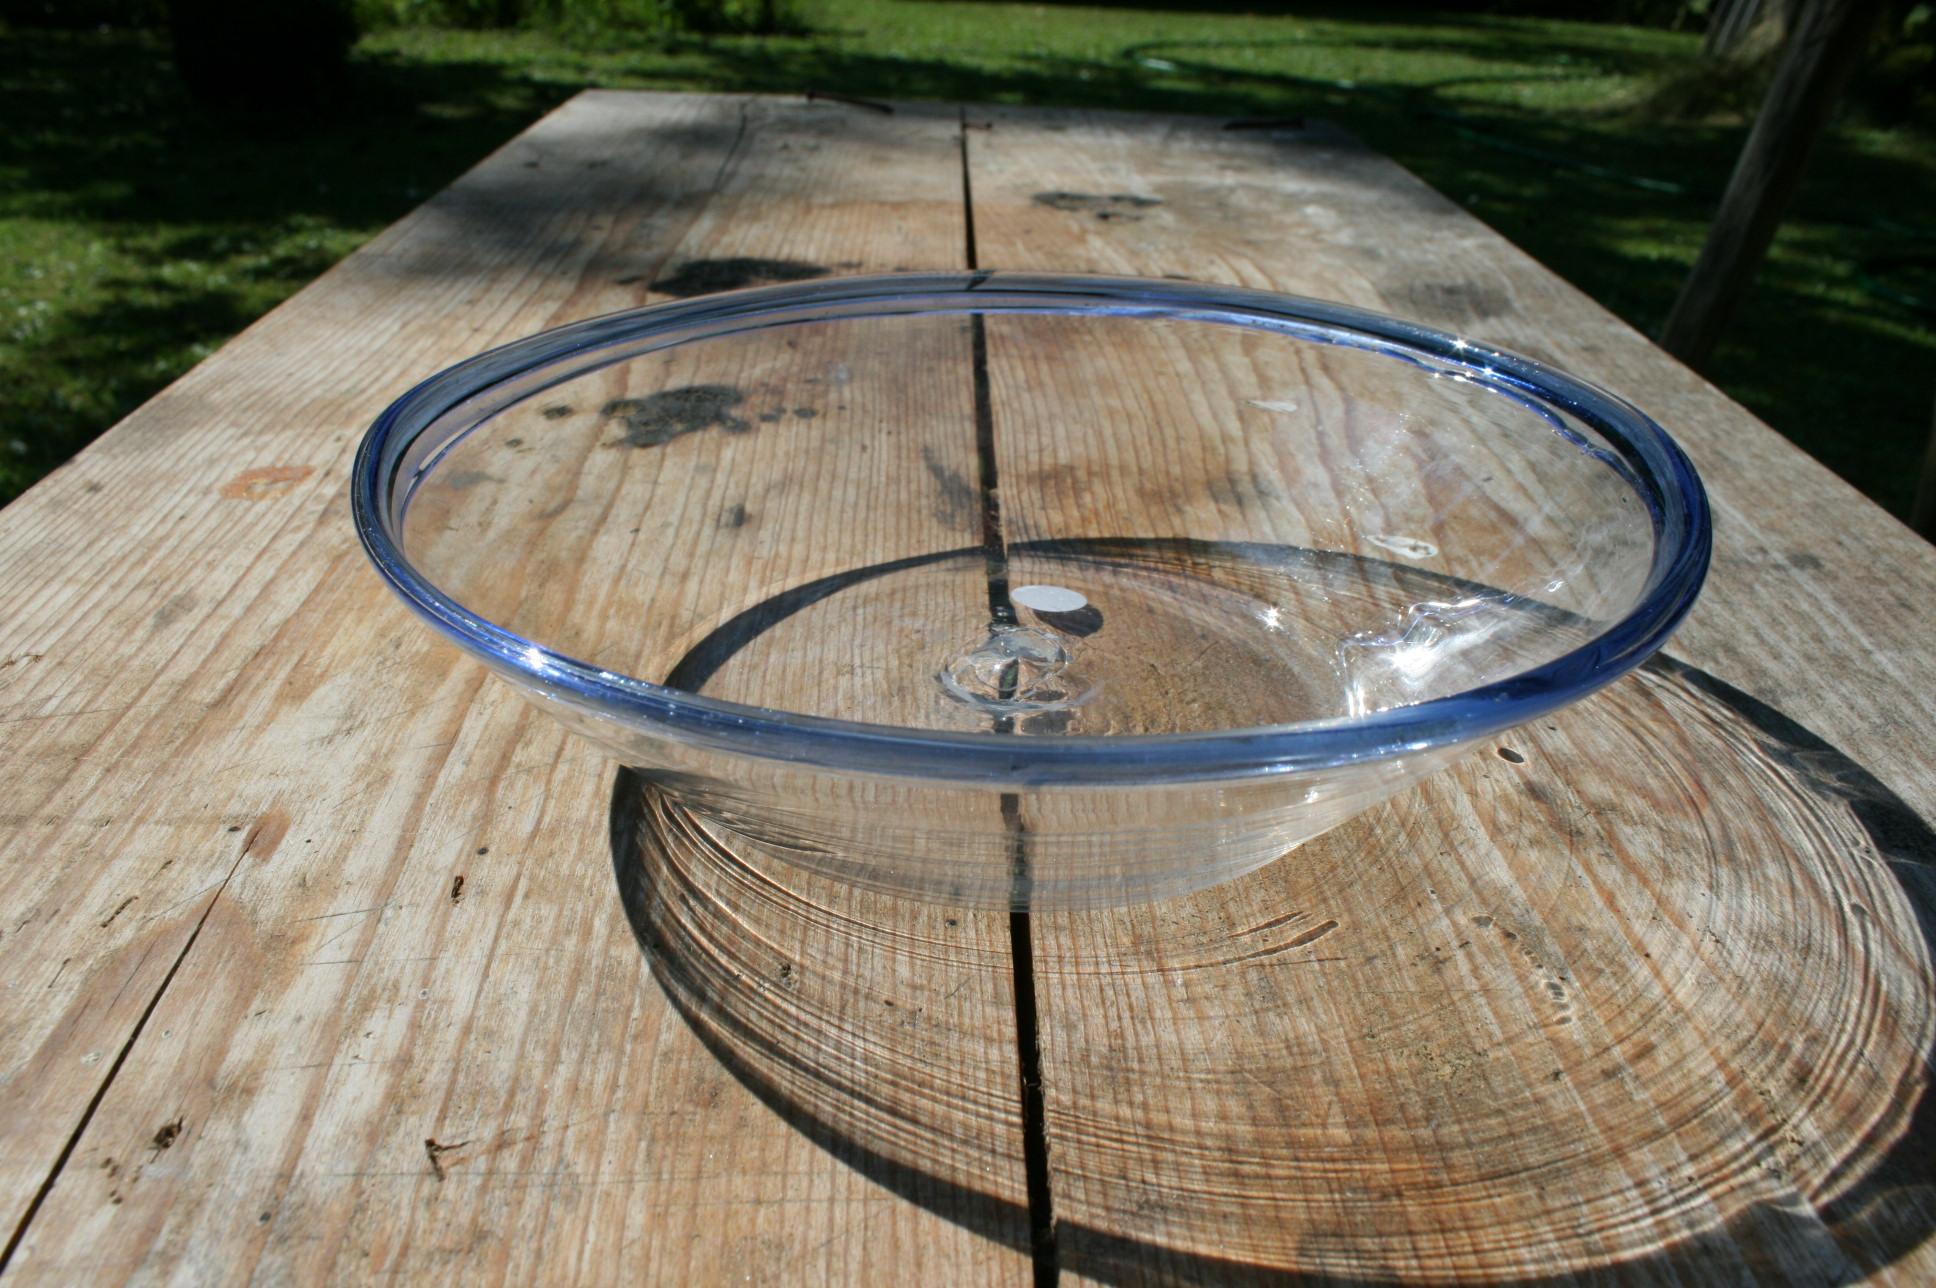 Glas tykmælk skål antik med lys blå kant.